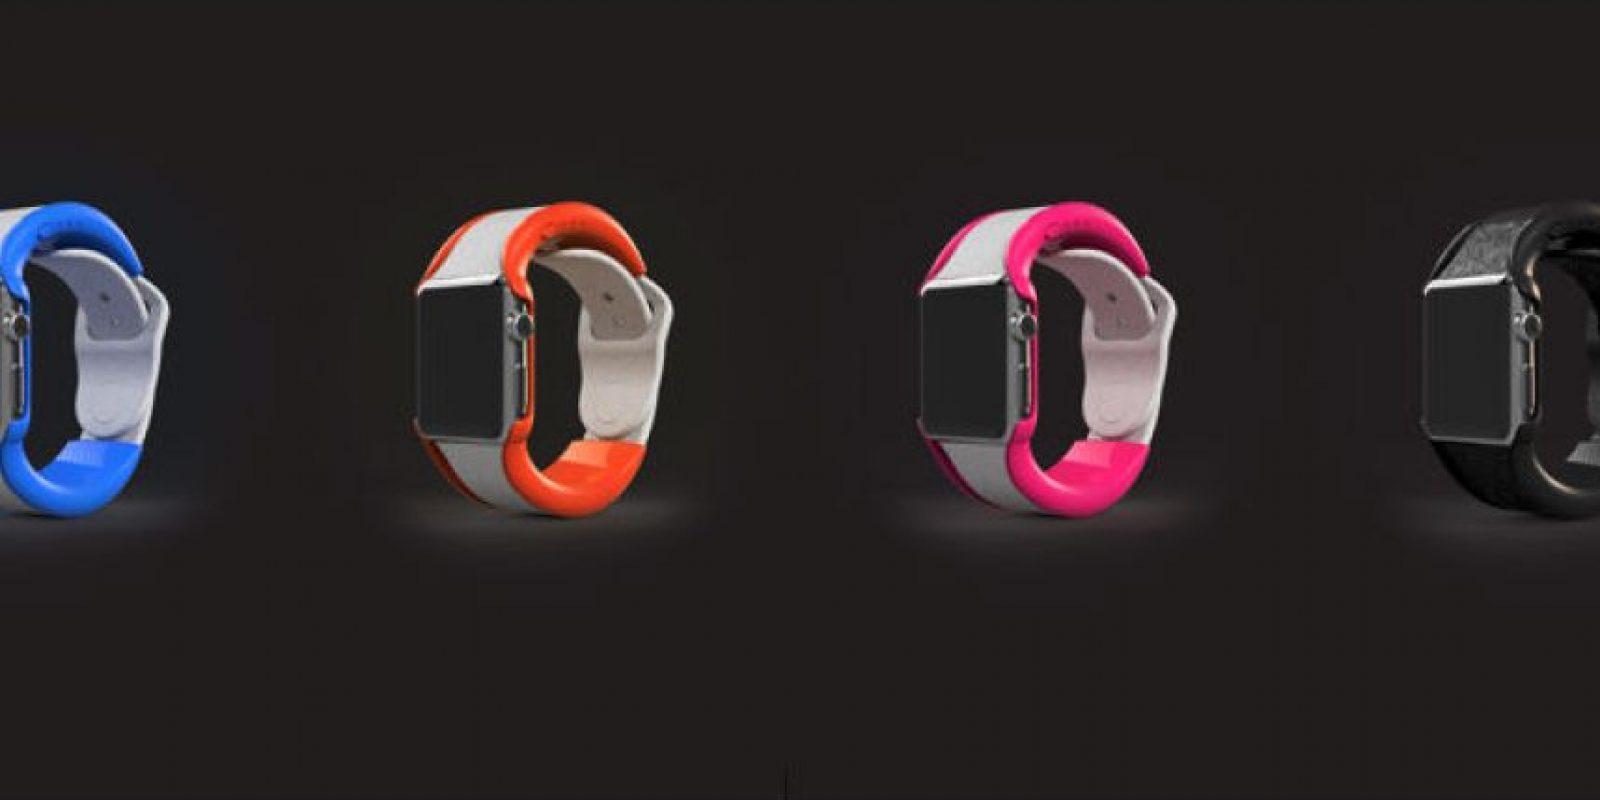 Estos son los colores disponibles. Foto:wiPowerBand, Inc.